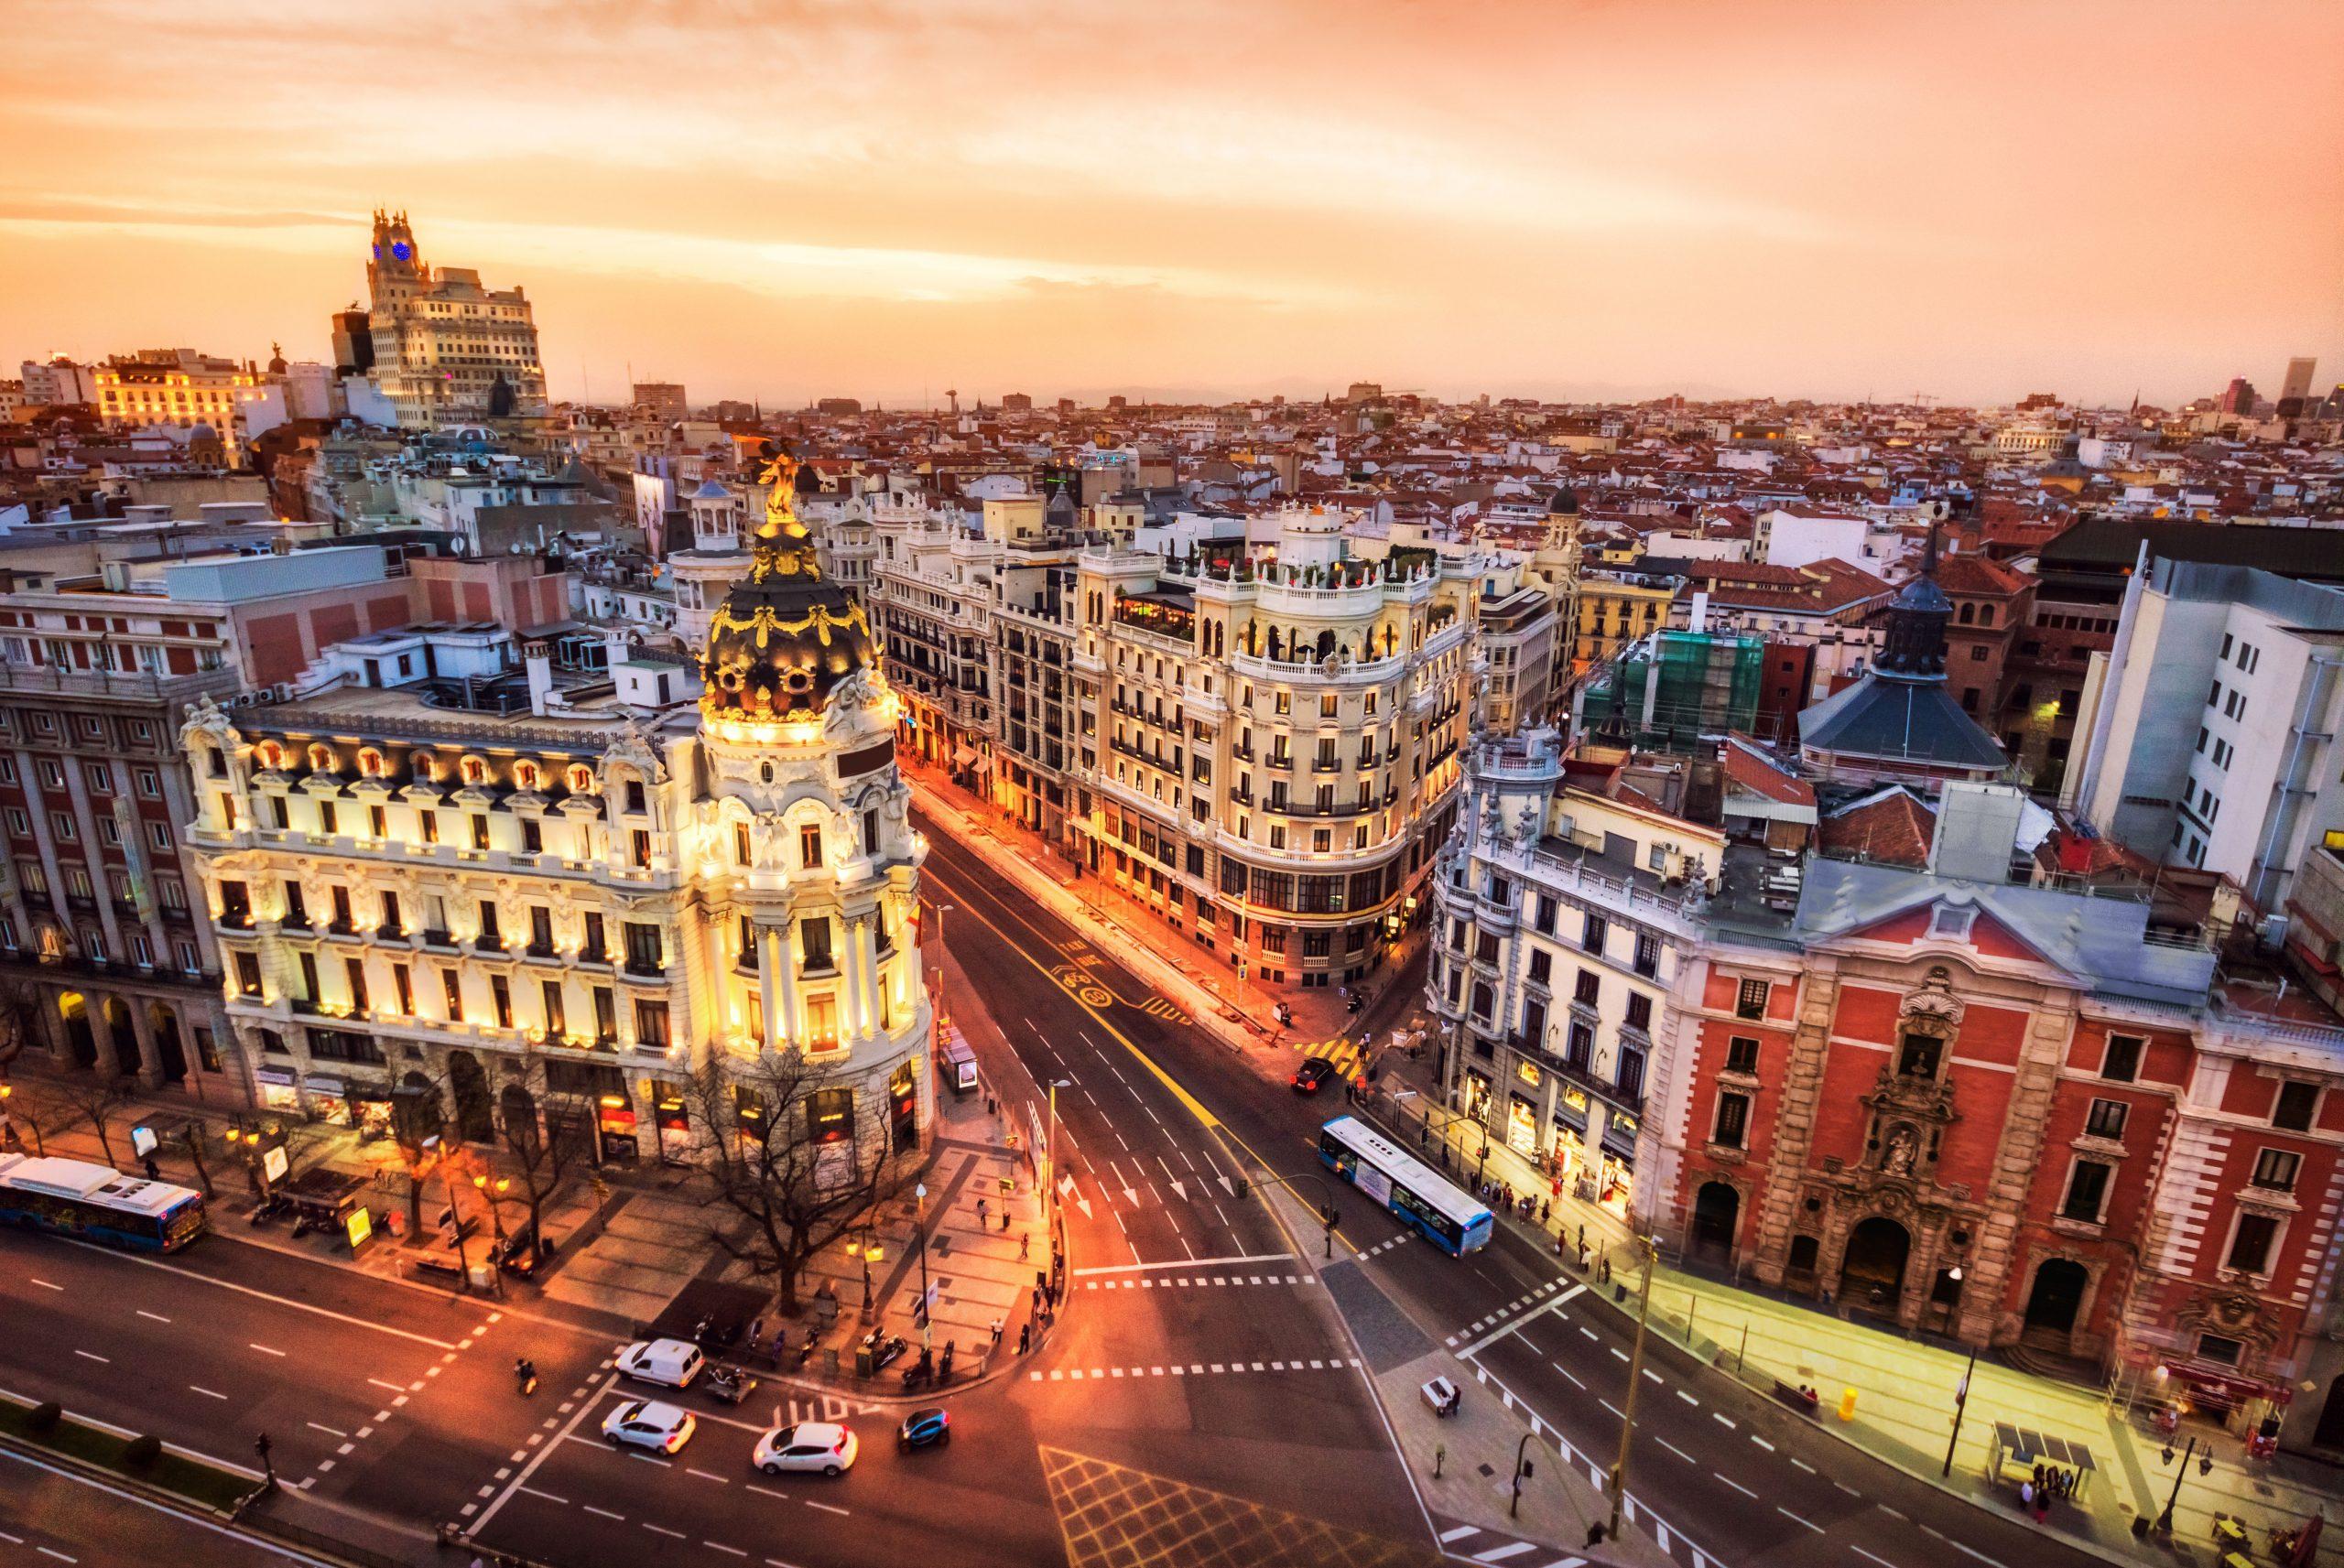 Aerial view of Gran Via in Madrid at dusk